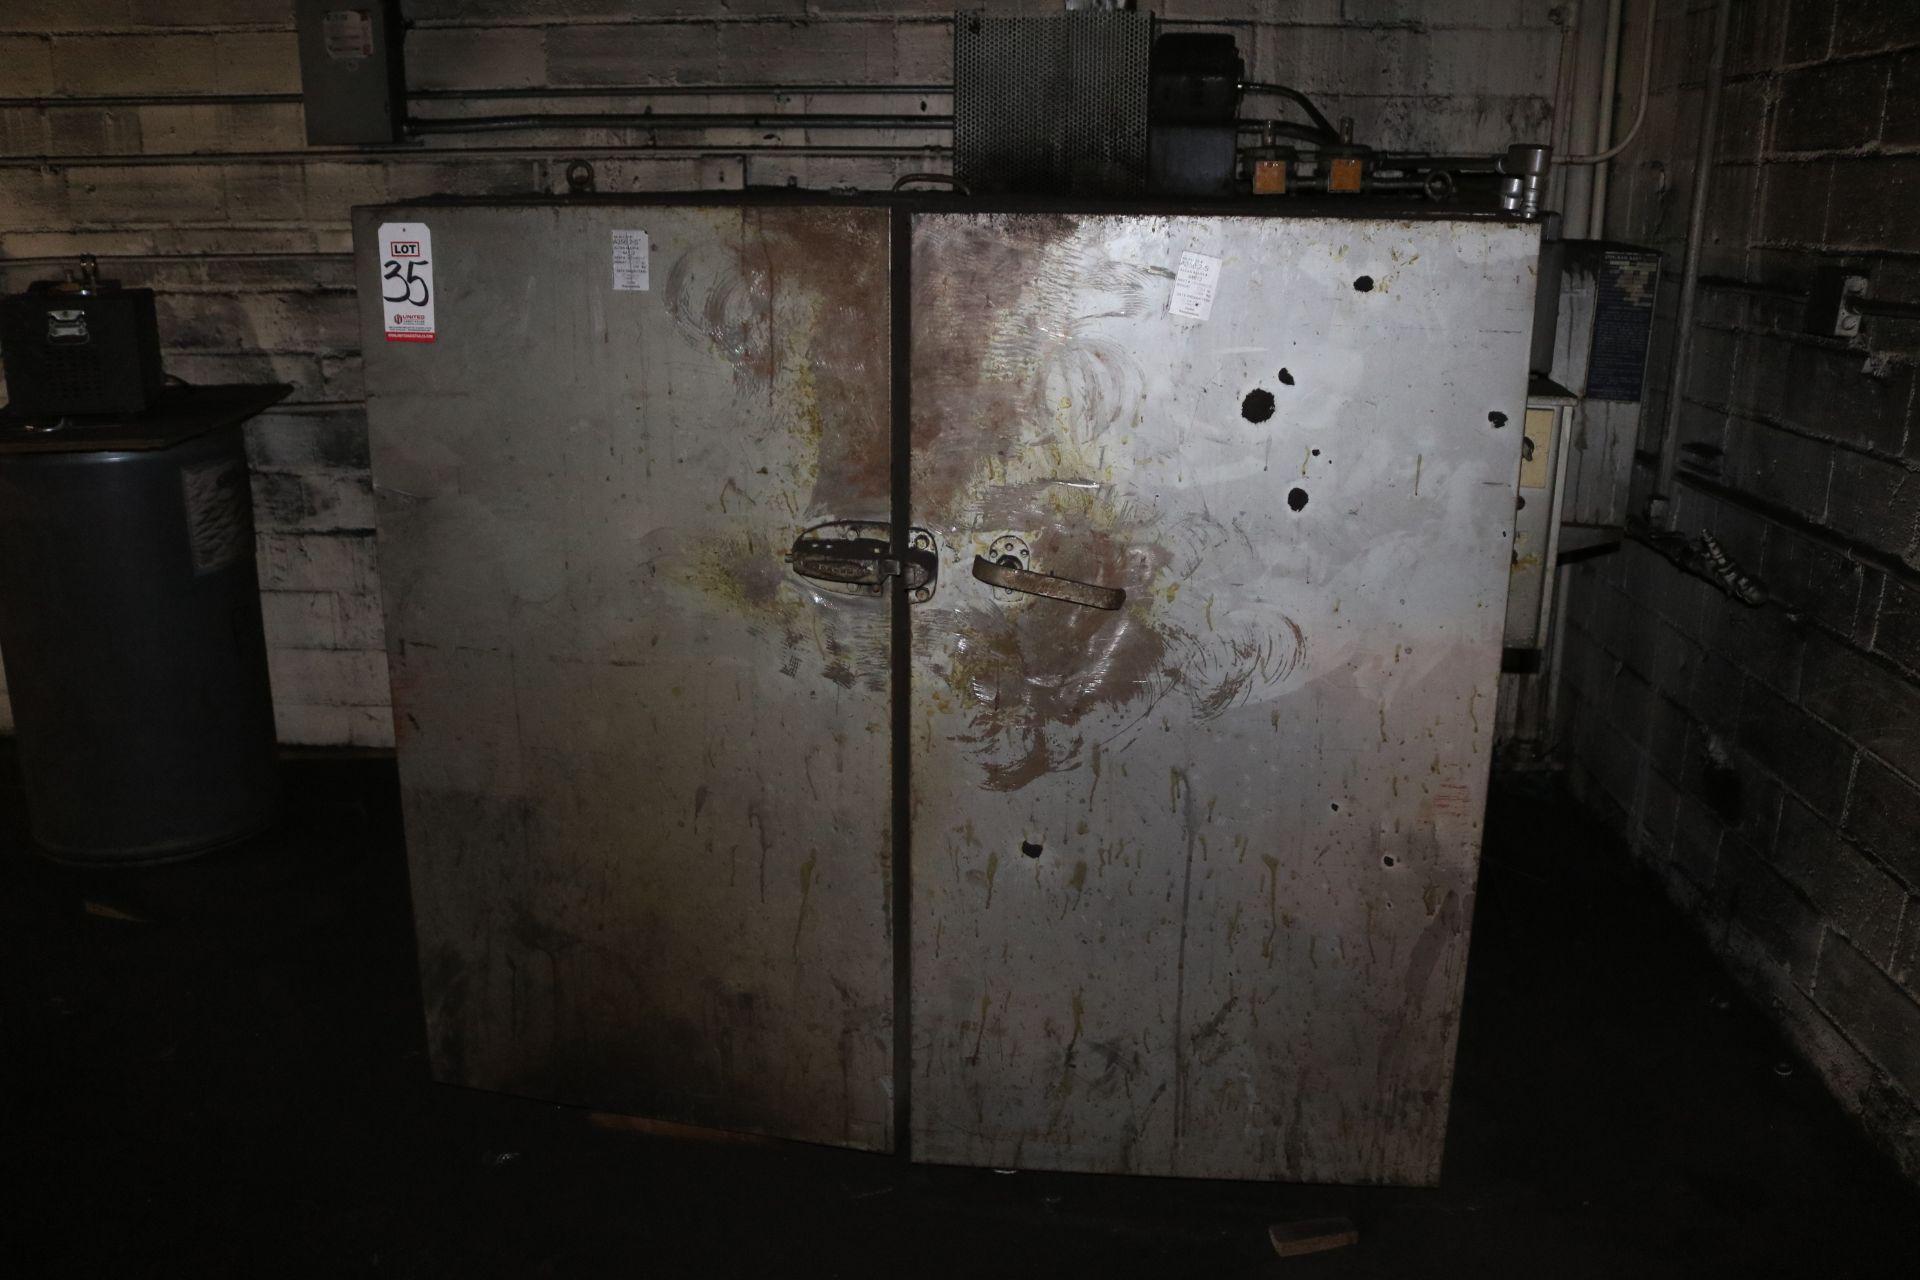 Lot 35 - STEELMAN 2-DOOR BAKE OVEN, 4' X 4' X 4'